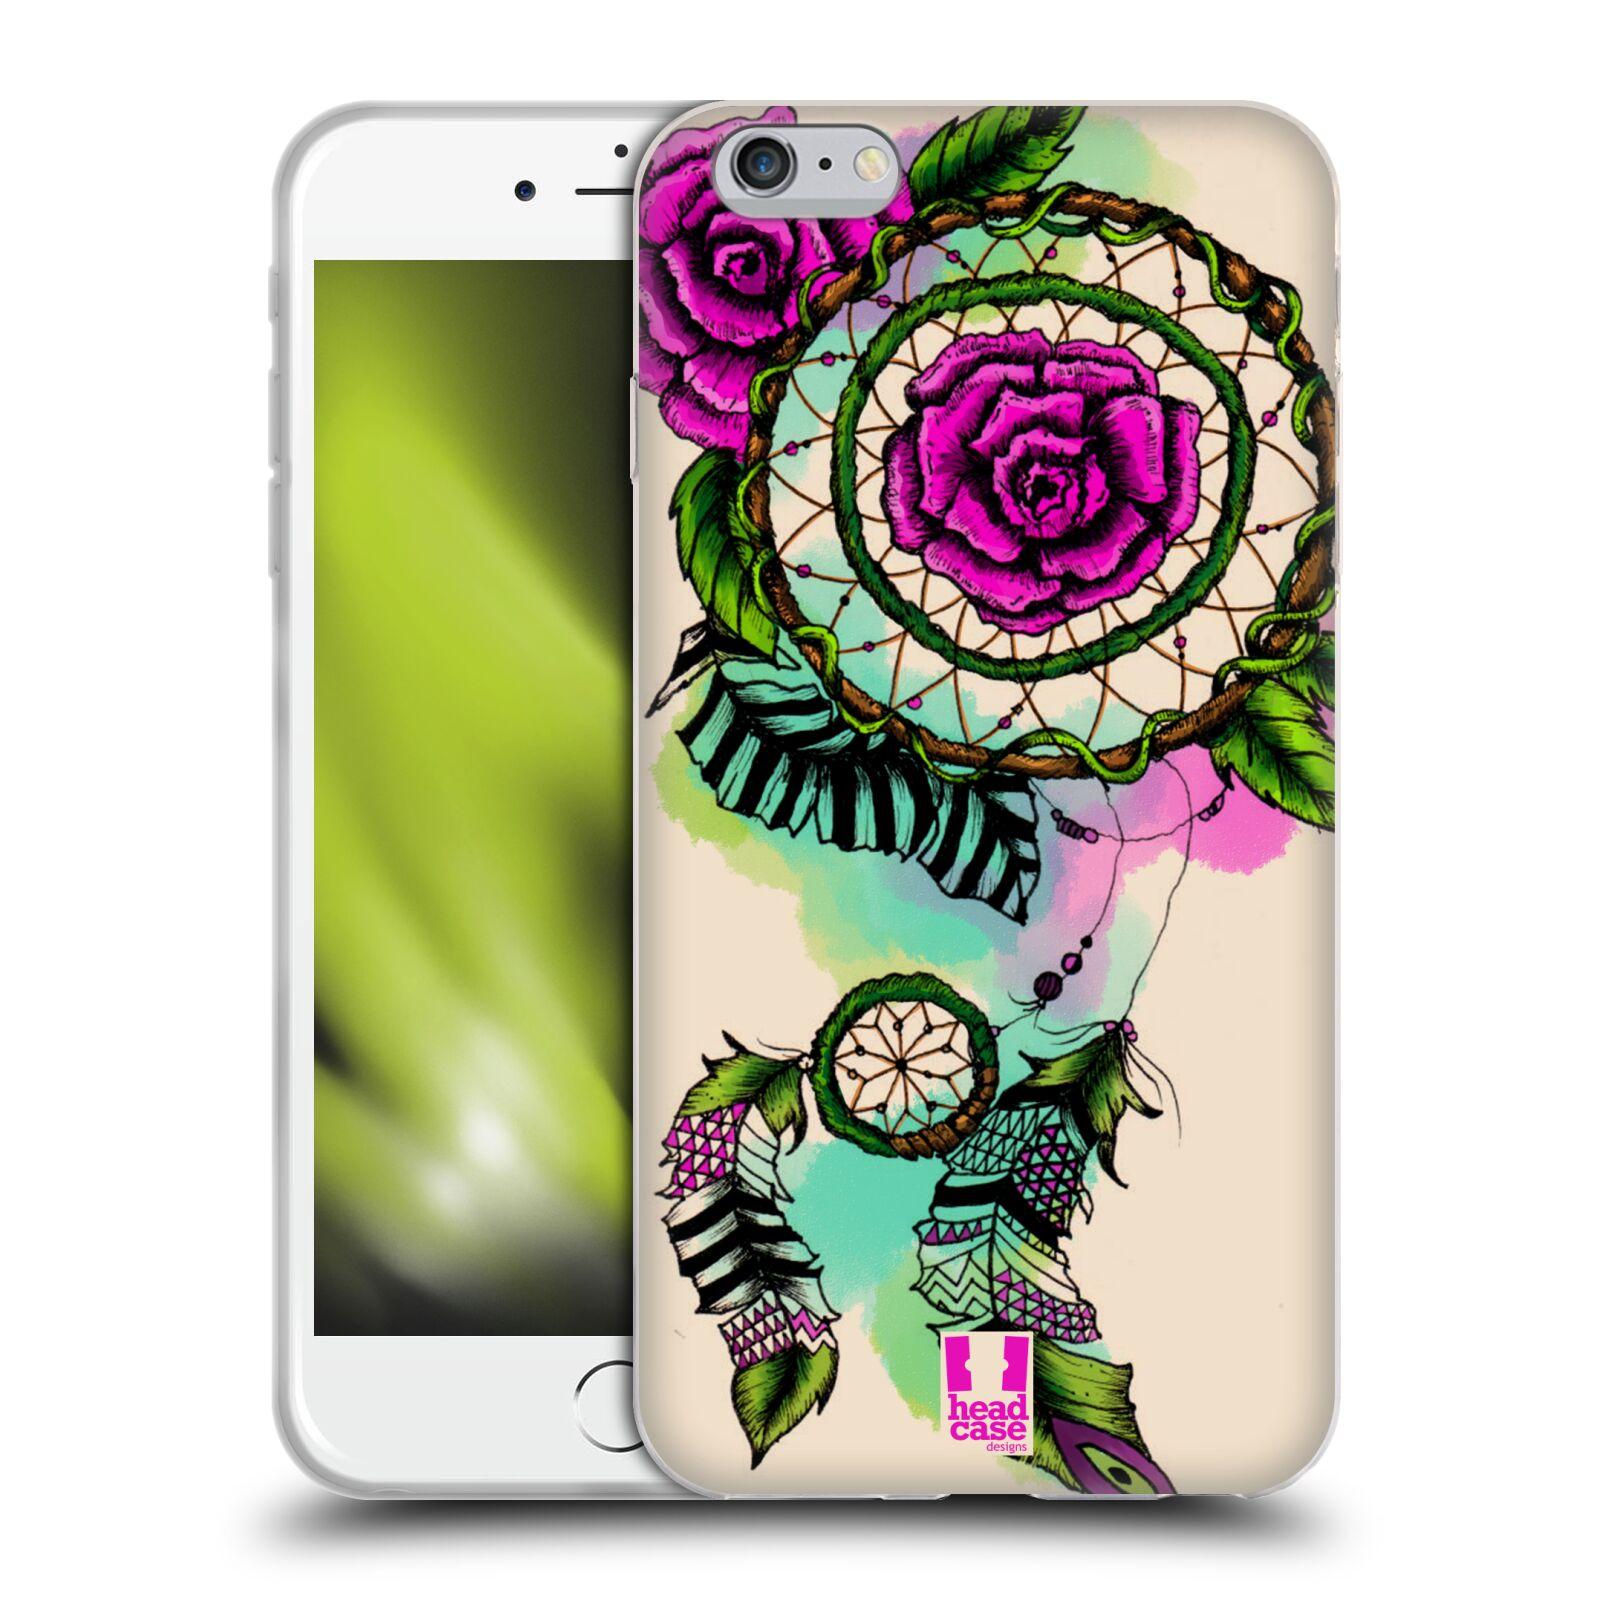 HEAD CASE silikonový obal na mobil Apple Iphone 6 PLUS/ 6S PLUS vzor Květy lapač snů růže